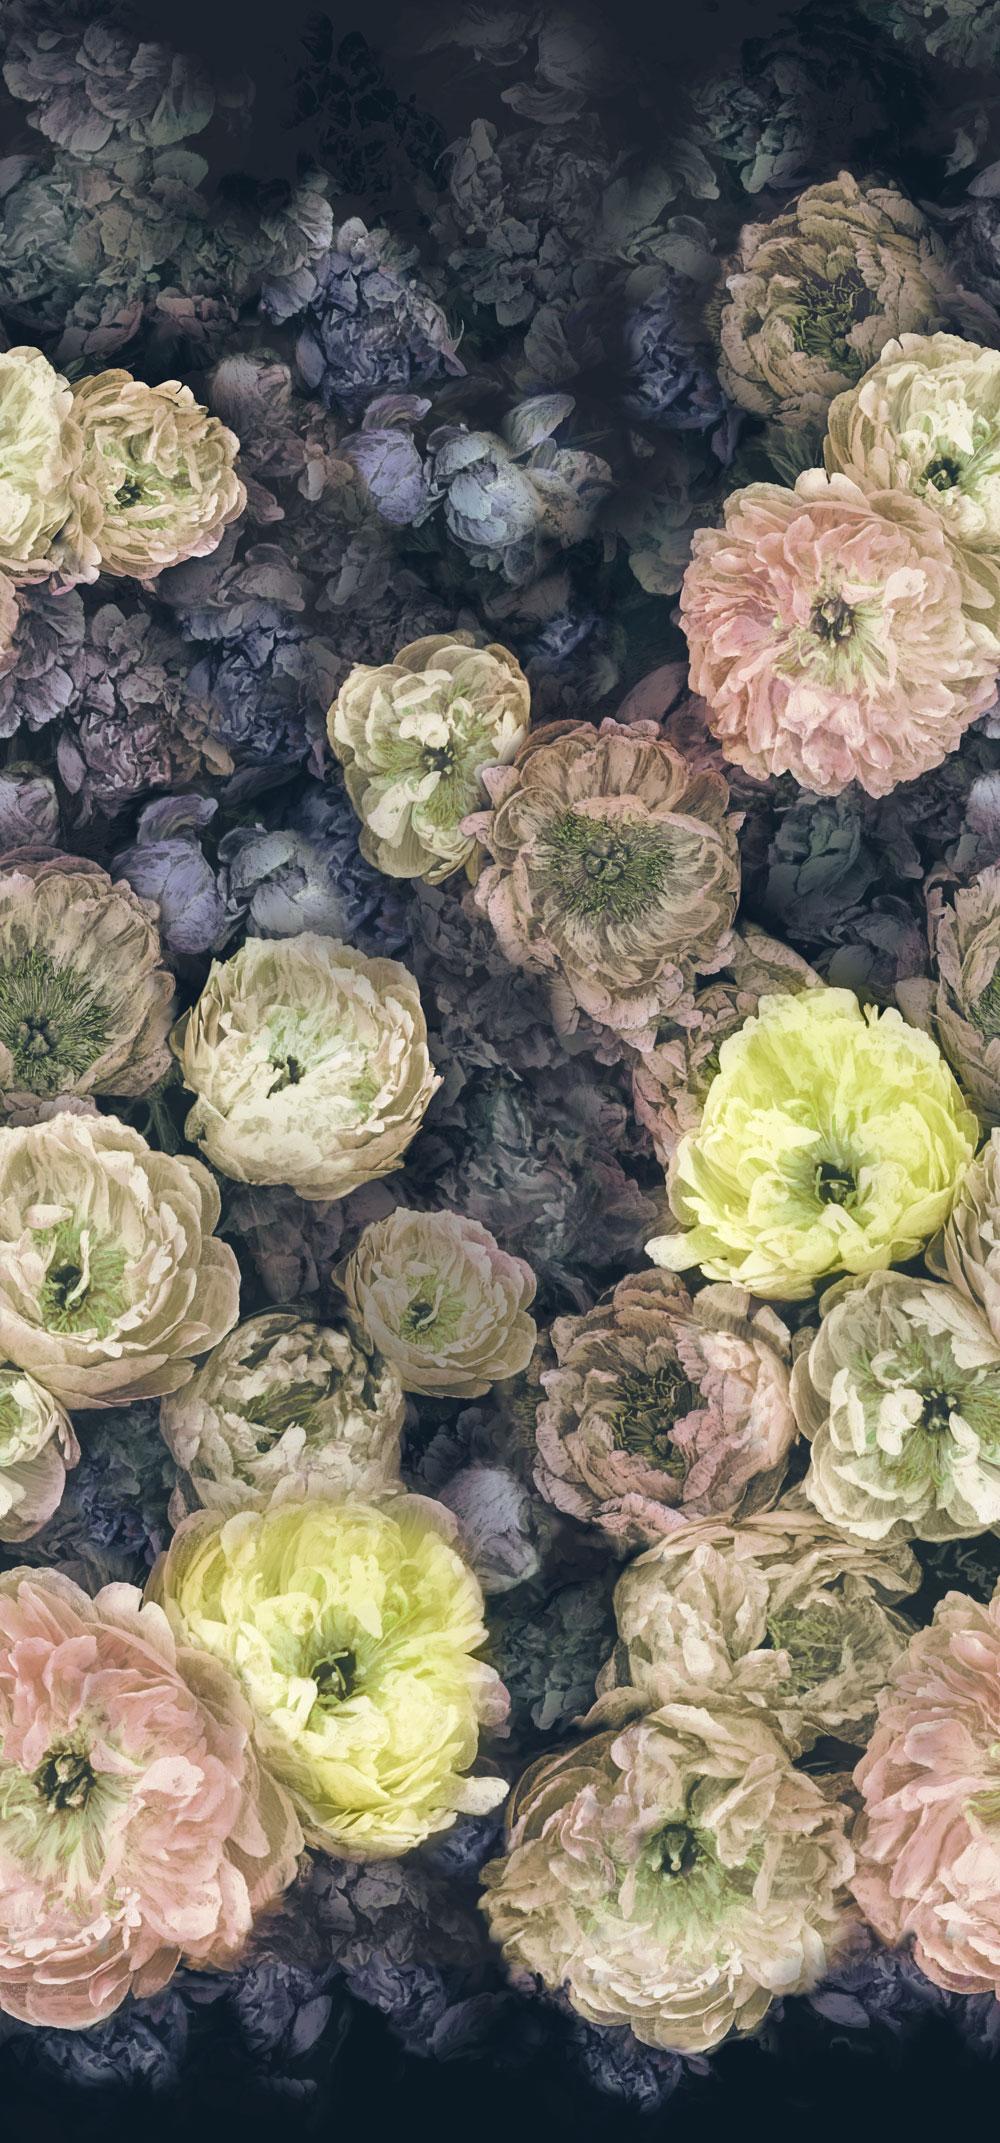 Le Poeme de Fleurs Mural - Midnight - by Designers Guild